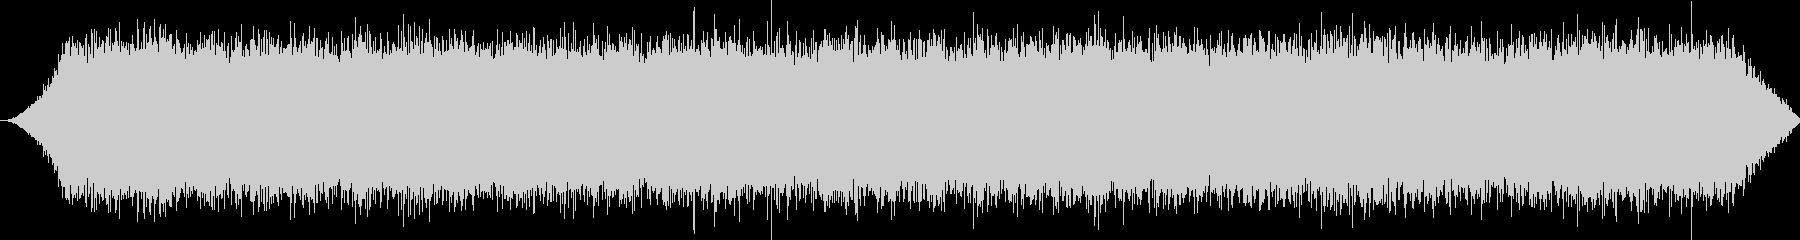 小型ラジオ目覚まし時計:信号干渉、...の未再生の波形